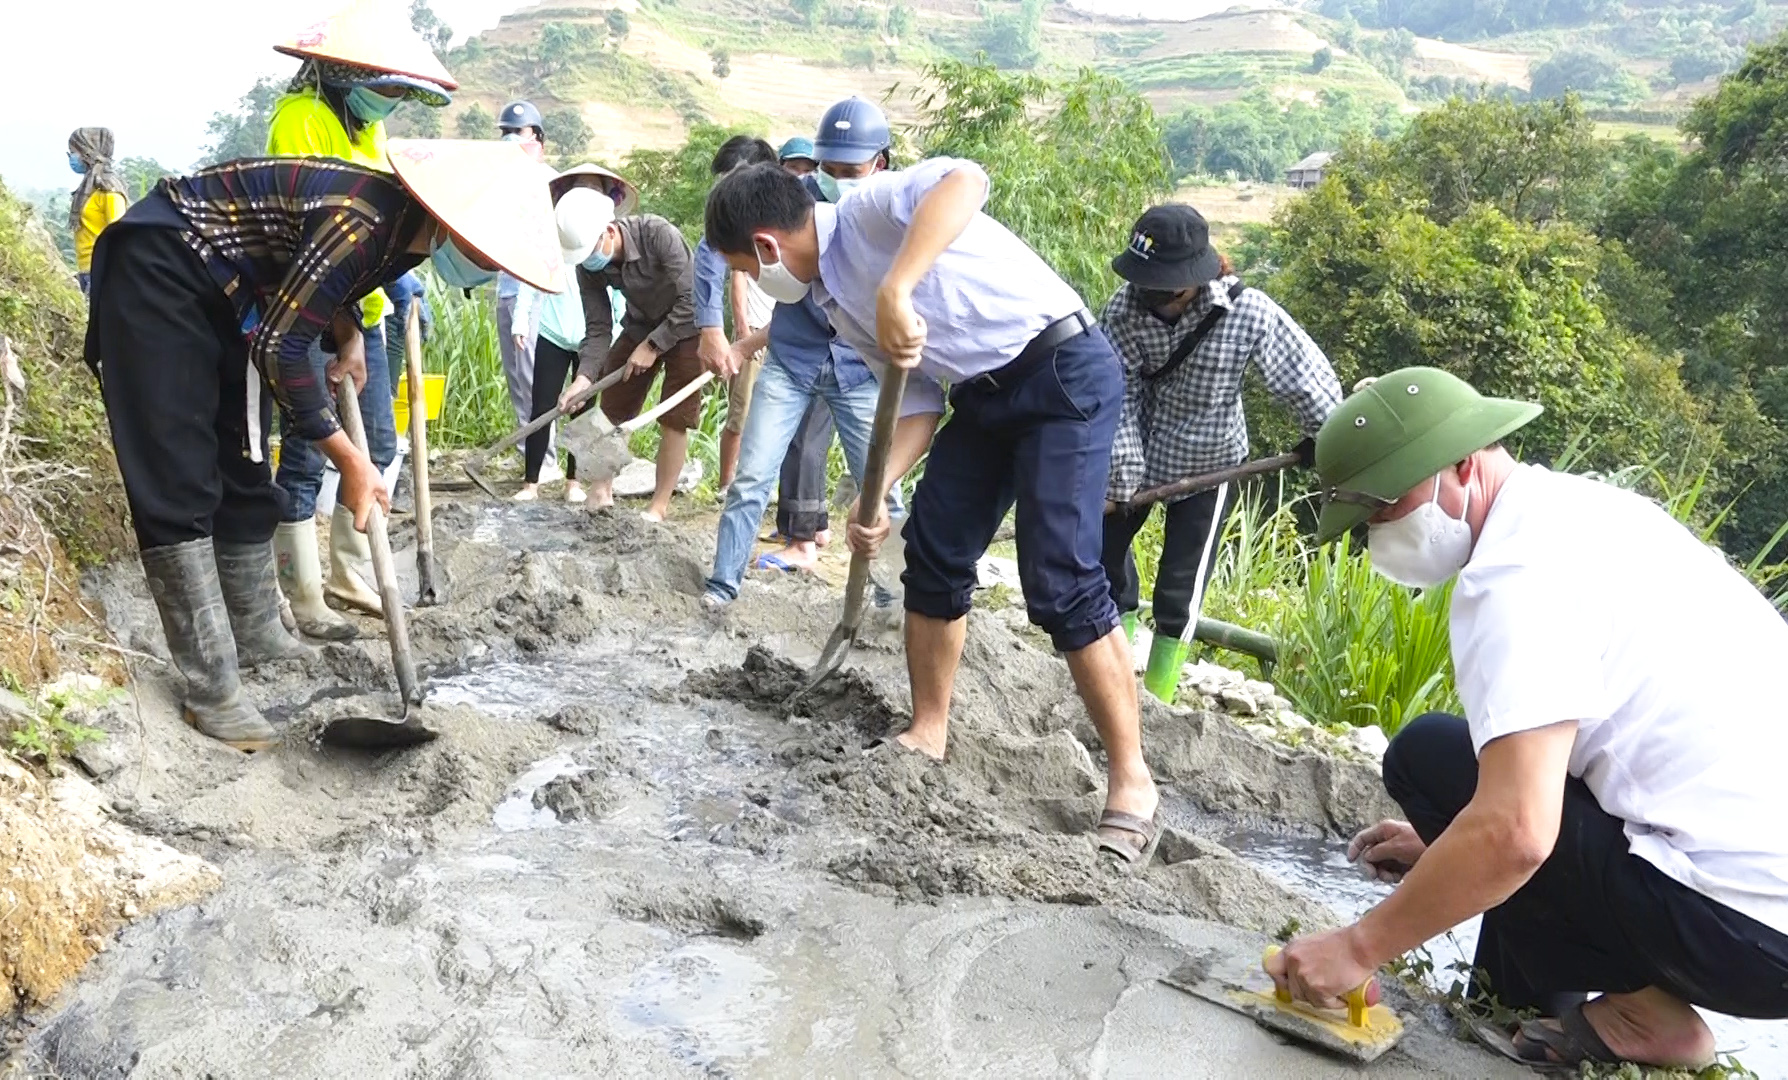 Điểm sáng trong xây dựng nông thôn mới ở xã nghèo vùng biên - Ảnh 2.